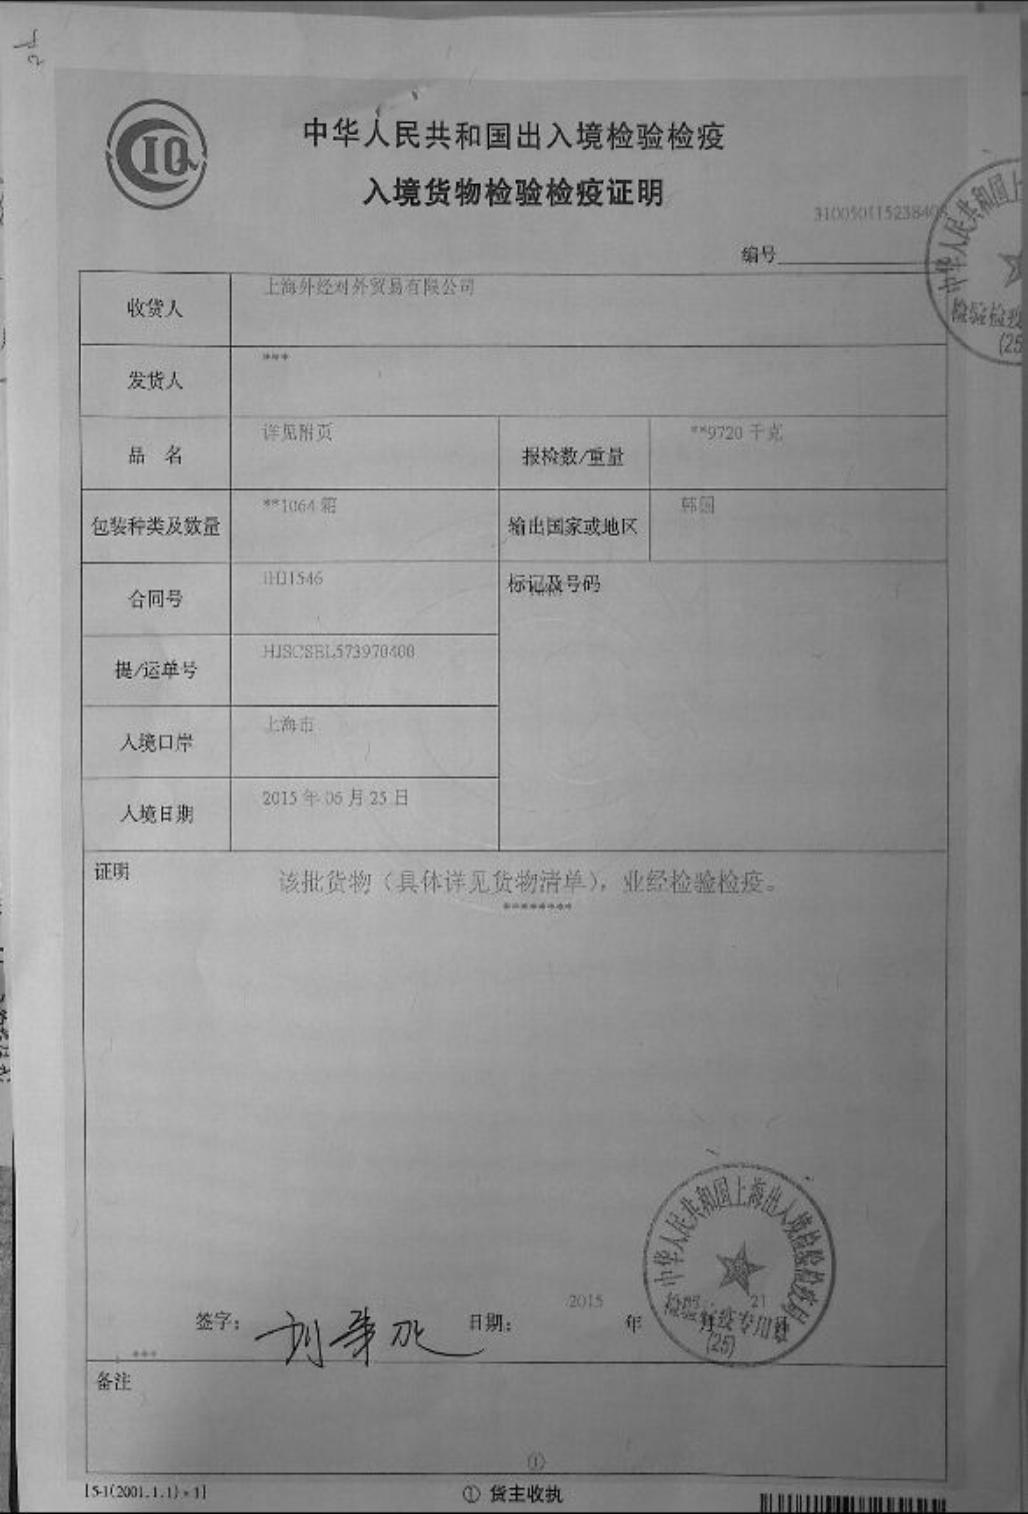 중국 입경화물검사검역증명